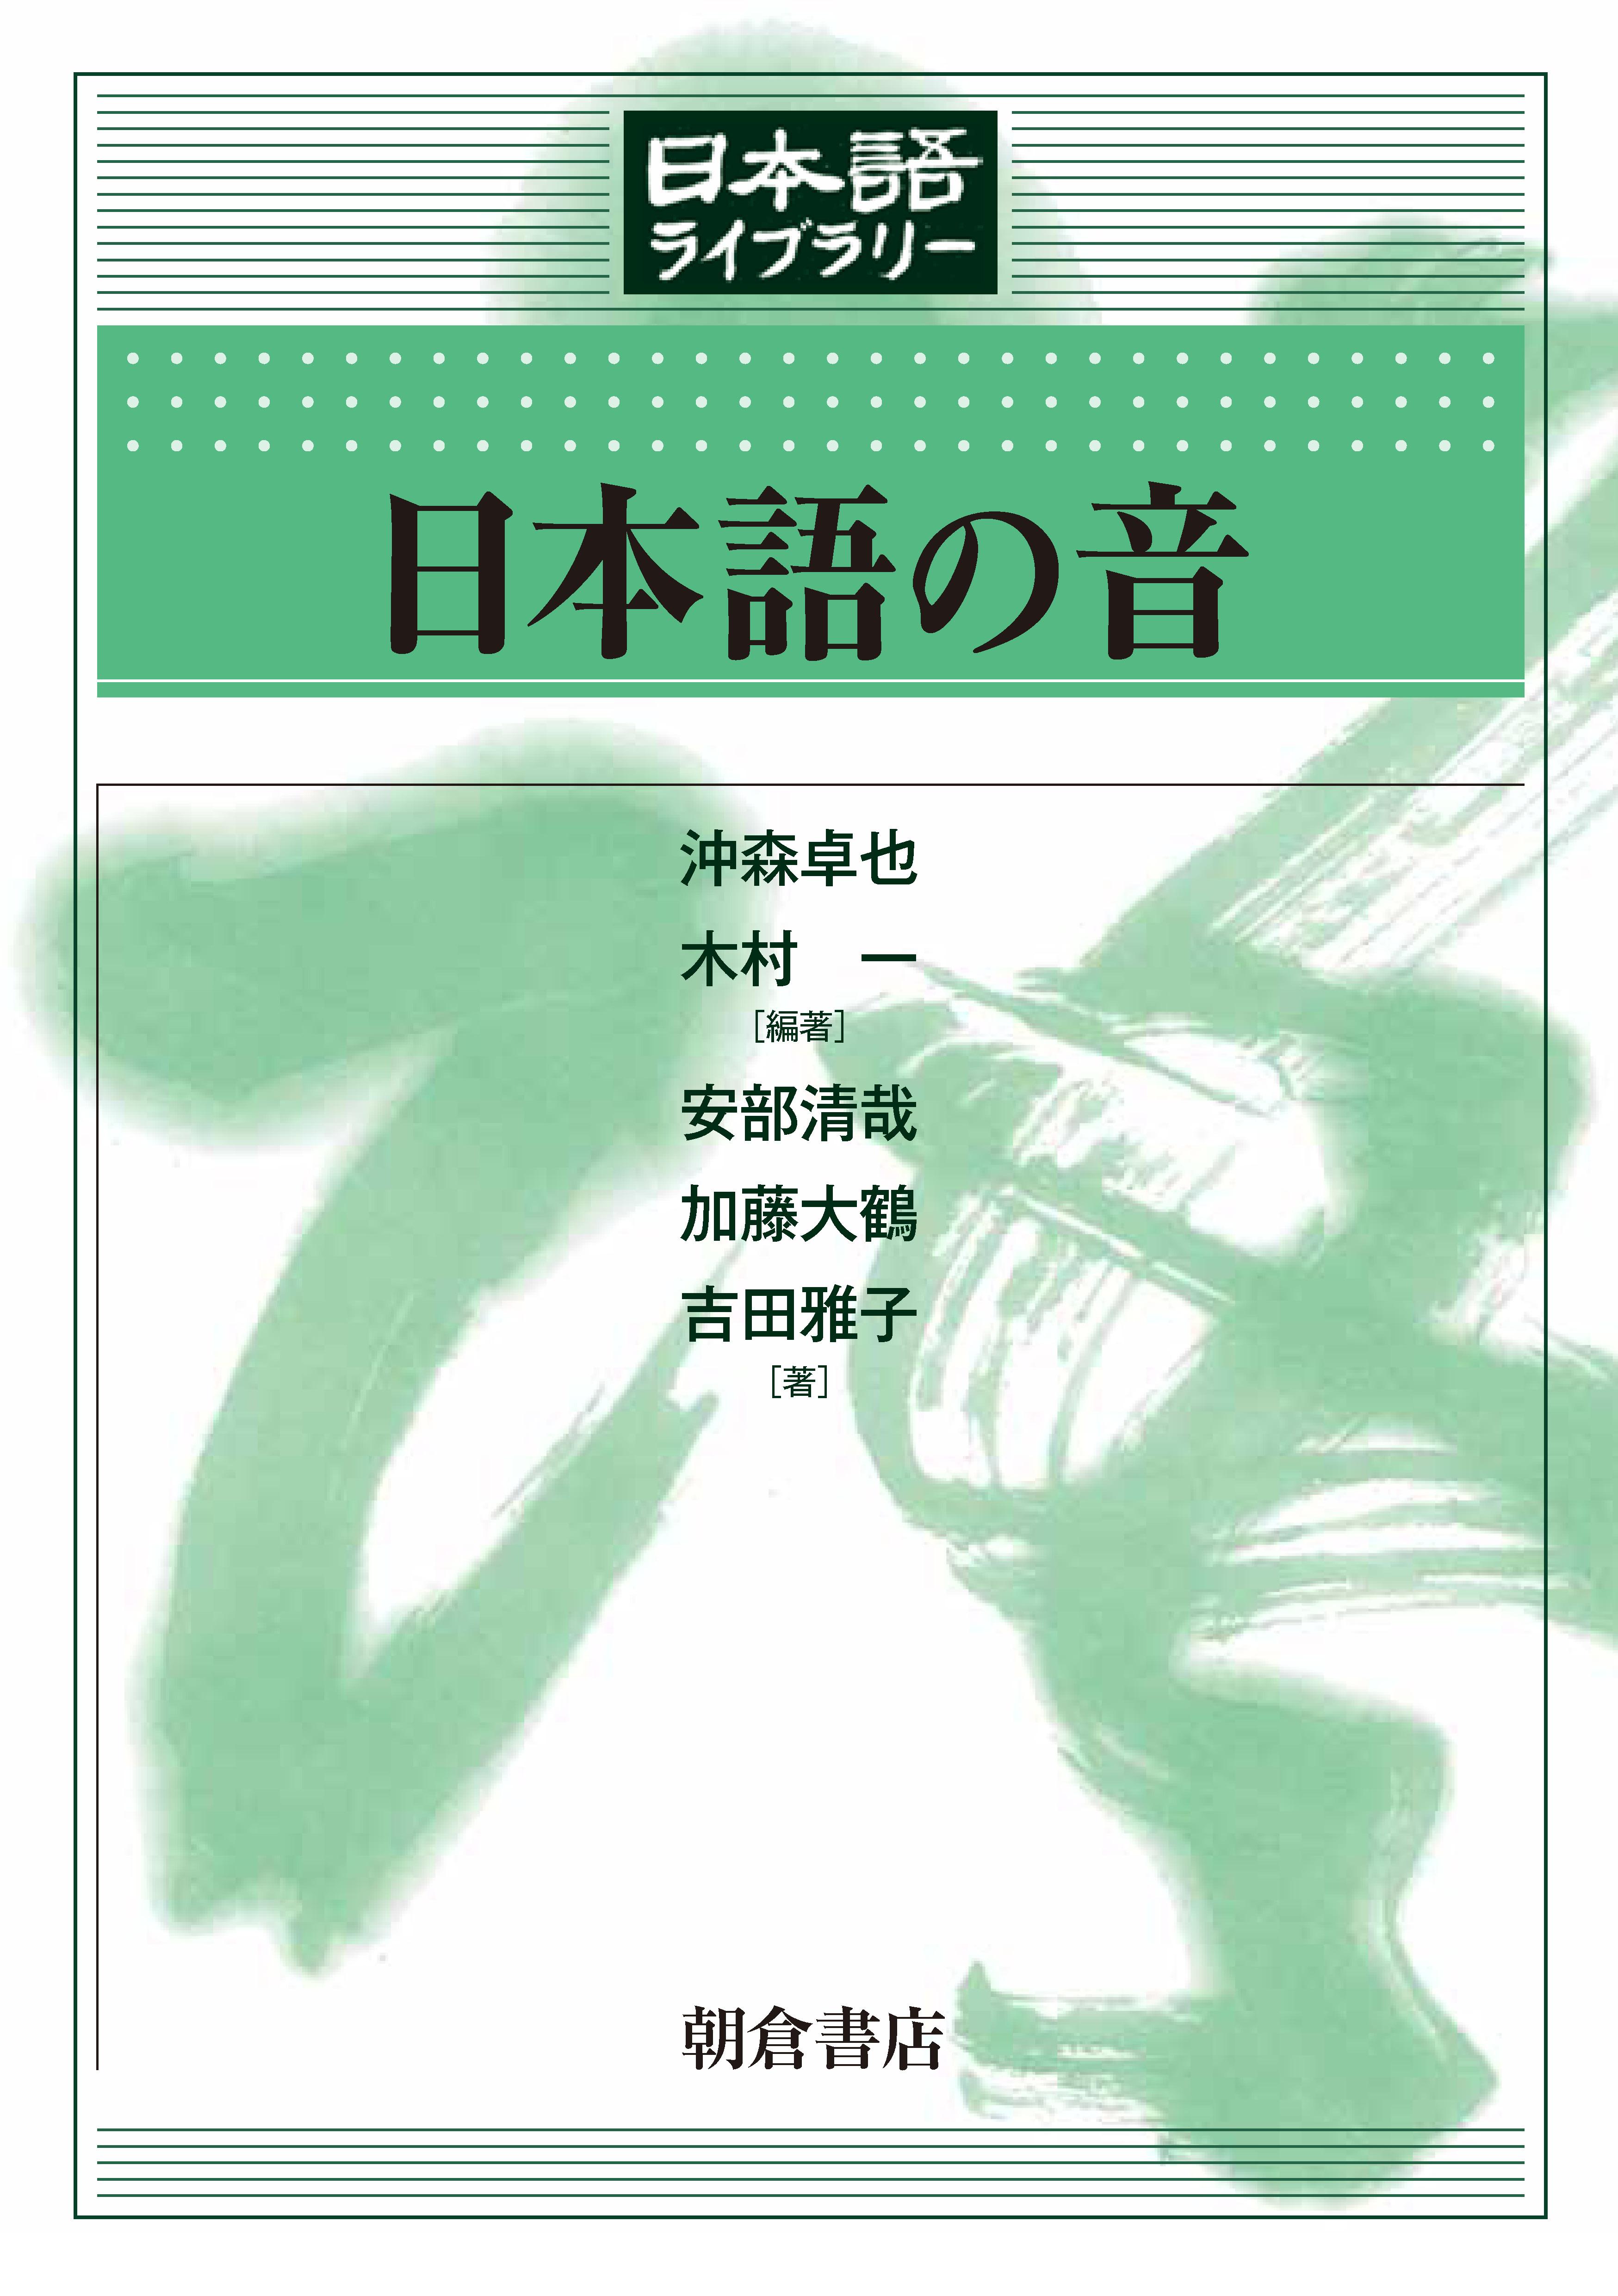 日本語の音画像